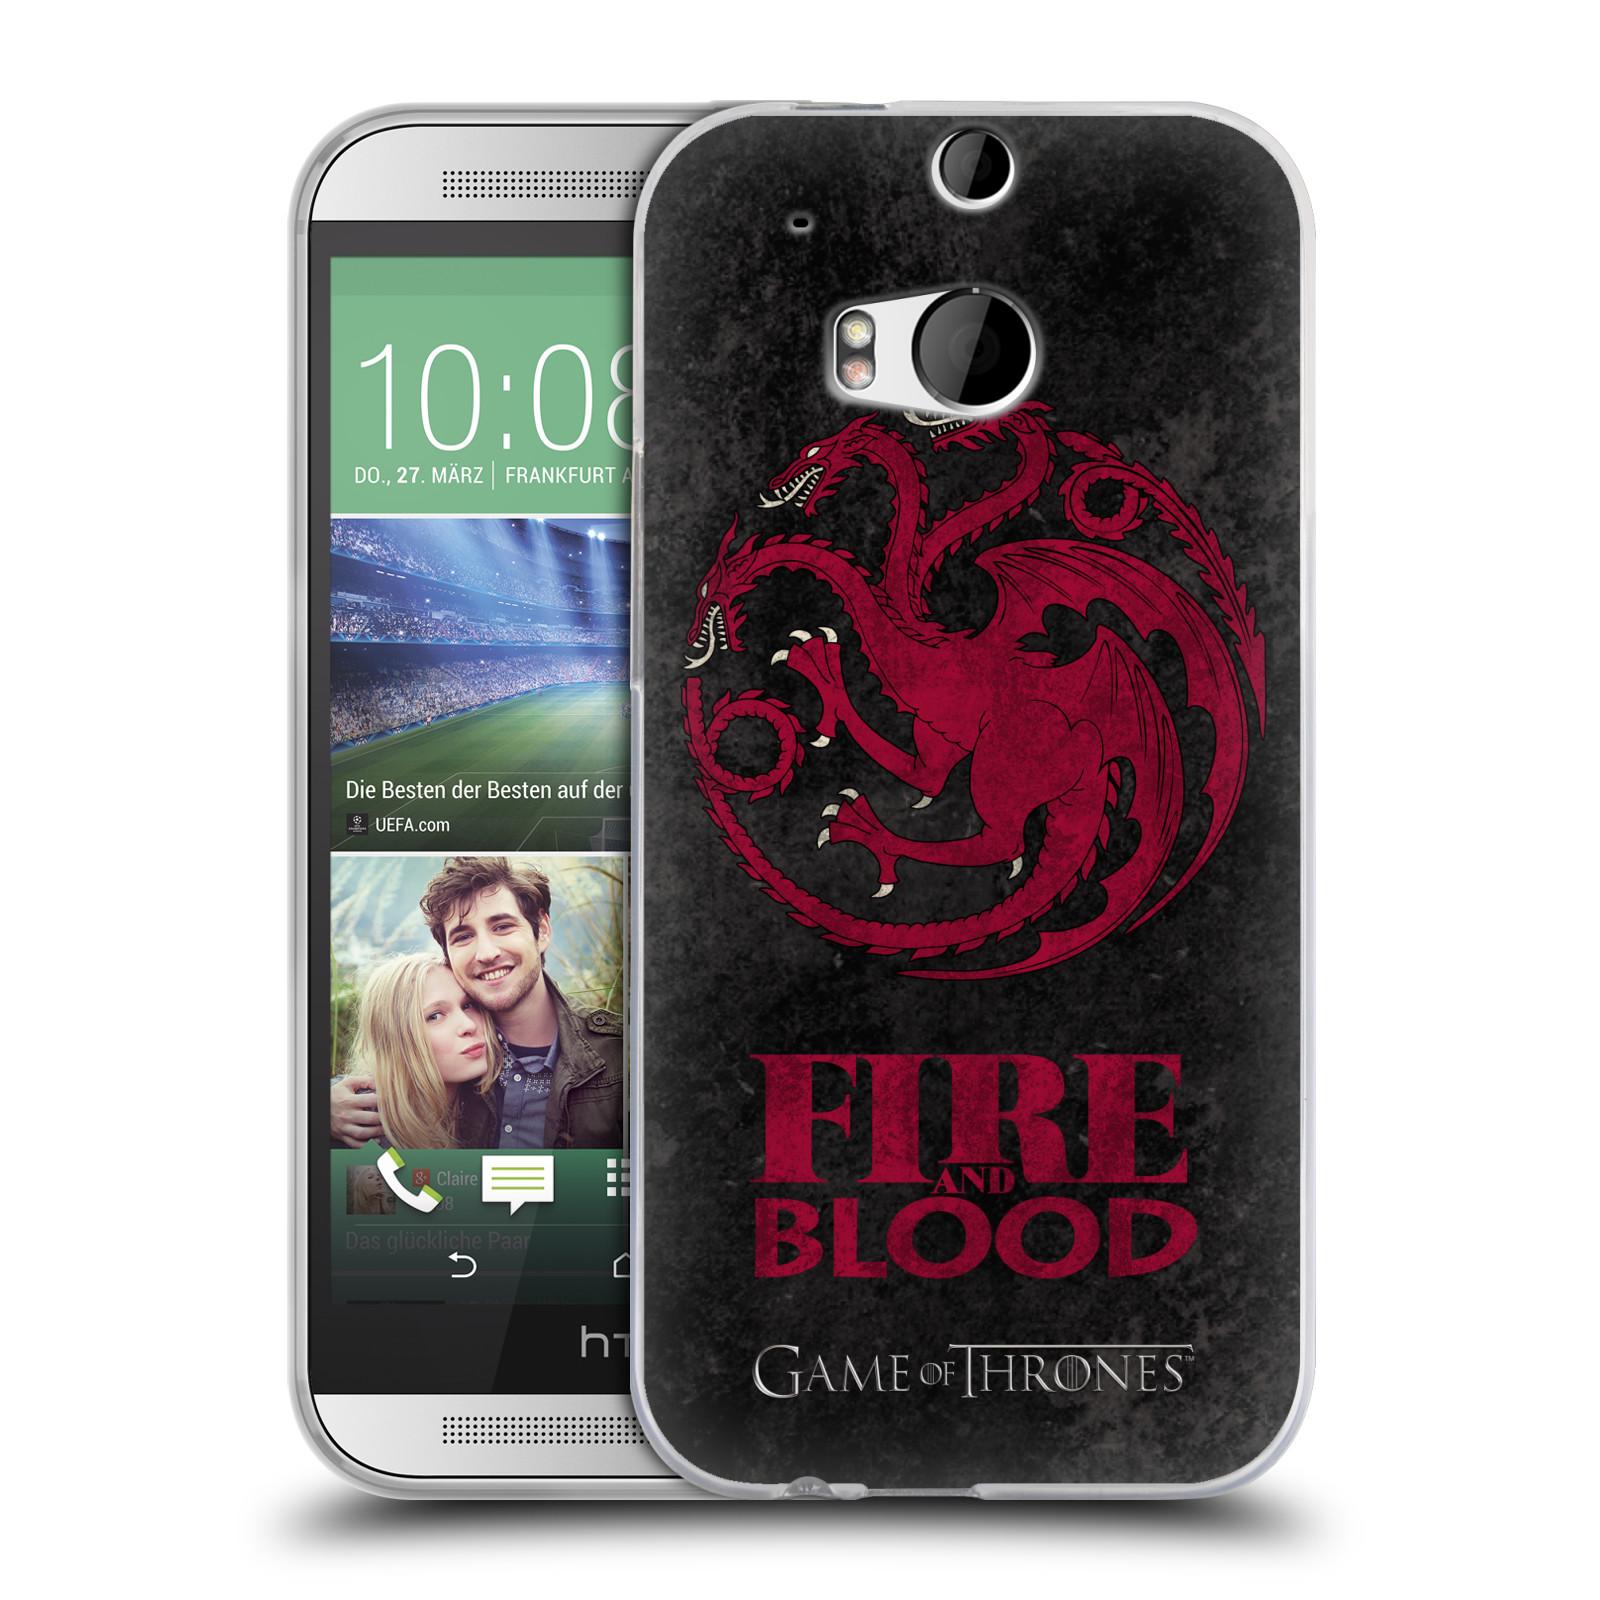 Silikonové pouzdro na mobil HTC ONE M8 HEAD CASE Hra o trůny - Sigils Targaryen - Fire and Blood (Silikonový kryt či obal na mobilní telefon s licencovaným motivem Hra o trůny - Game Of Thrones pro HTC ONE M8)